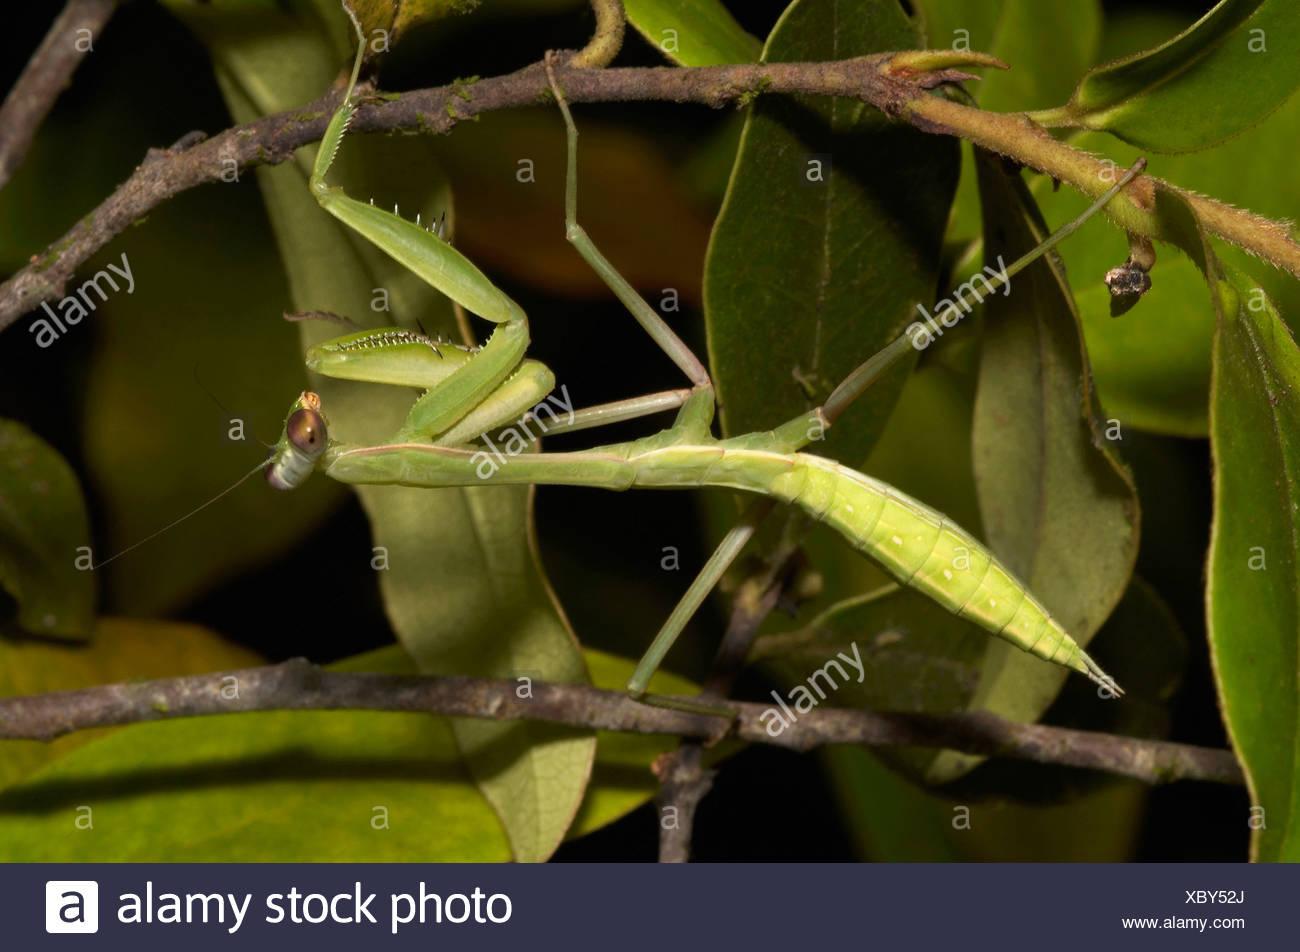 INSEKT, MANTIS. Mantis mit Flügel Knospen. Wahrscheinlich eine flugunfähige erwachsenes Weibchen. Fotografiert in der Nacht in Agumbe, Karnataka, Indien. Stockbild